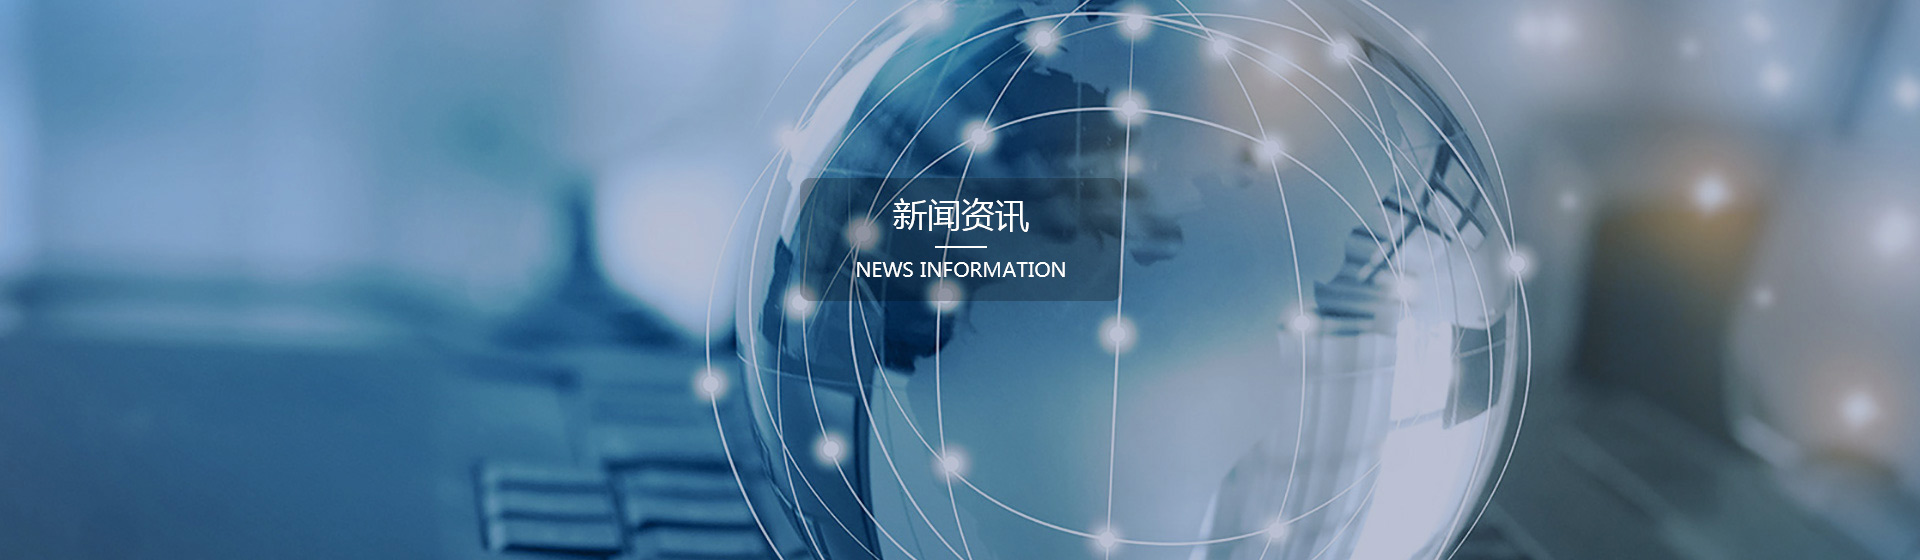 山东奥福环保科技股份有限公司